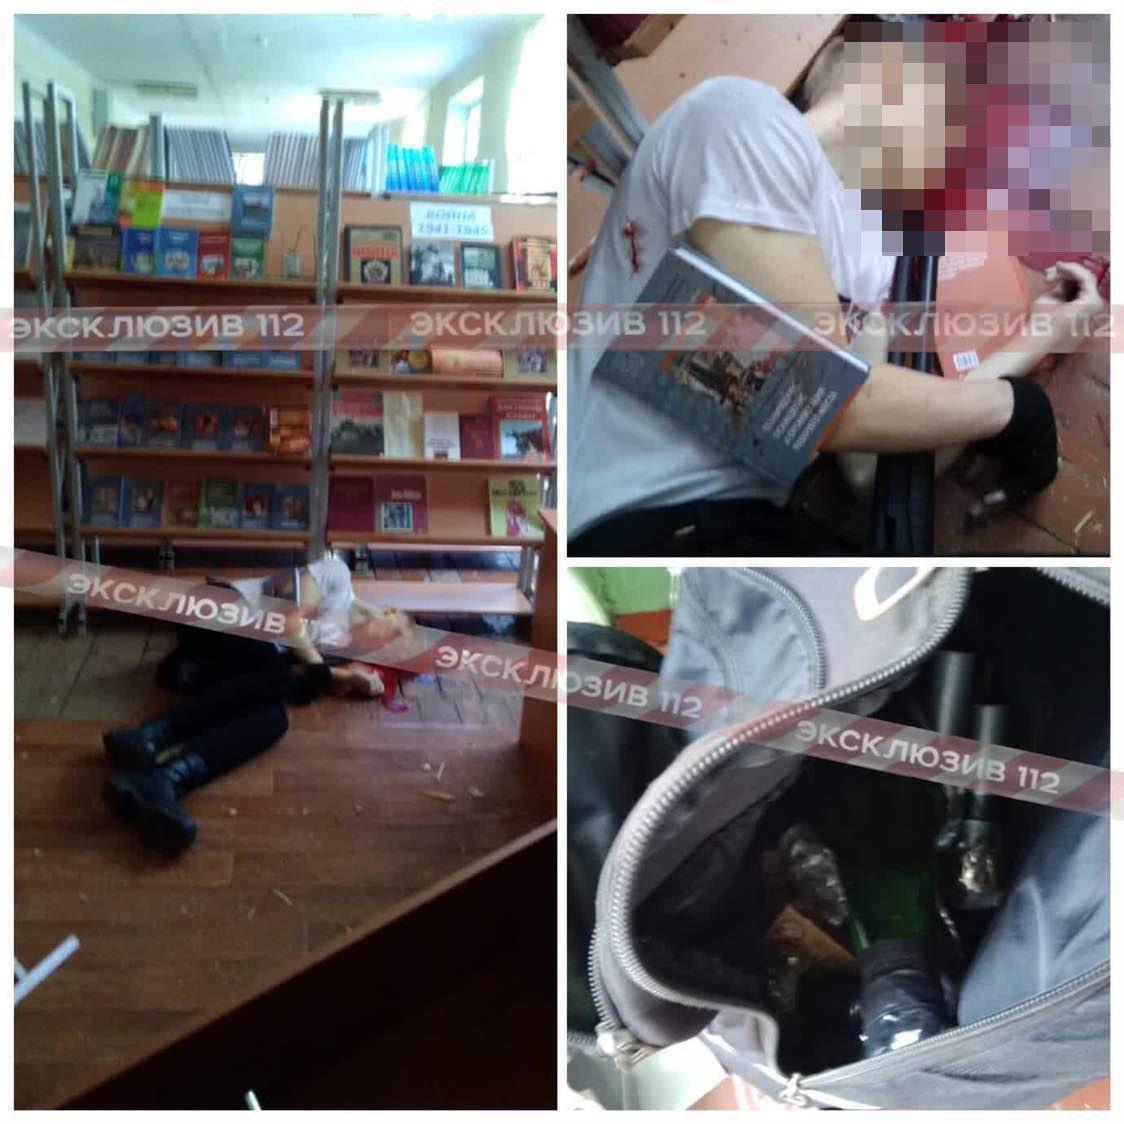 Тіло Рослякова знайшли в бібліотеці коледжу / Telegram-канал 112